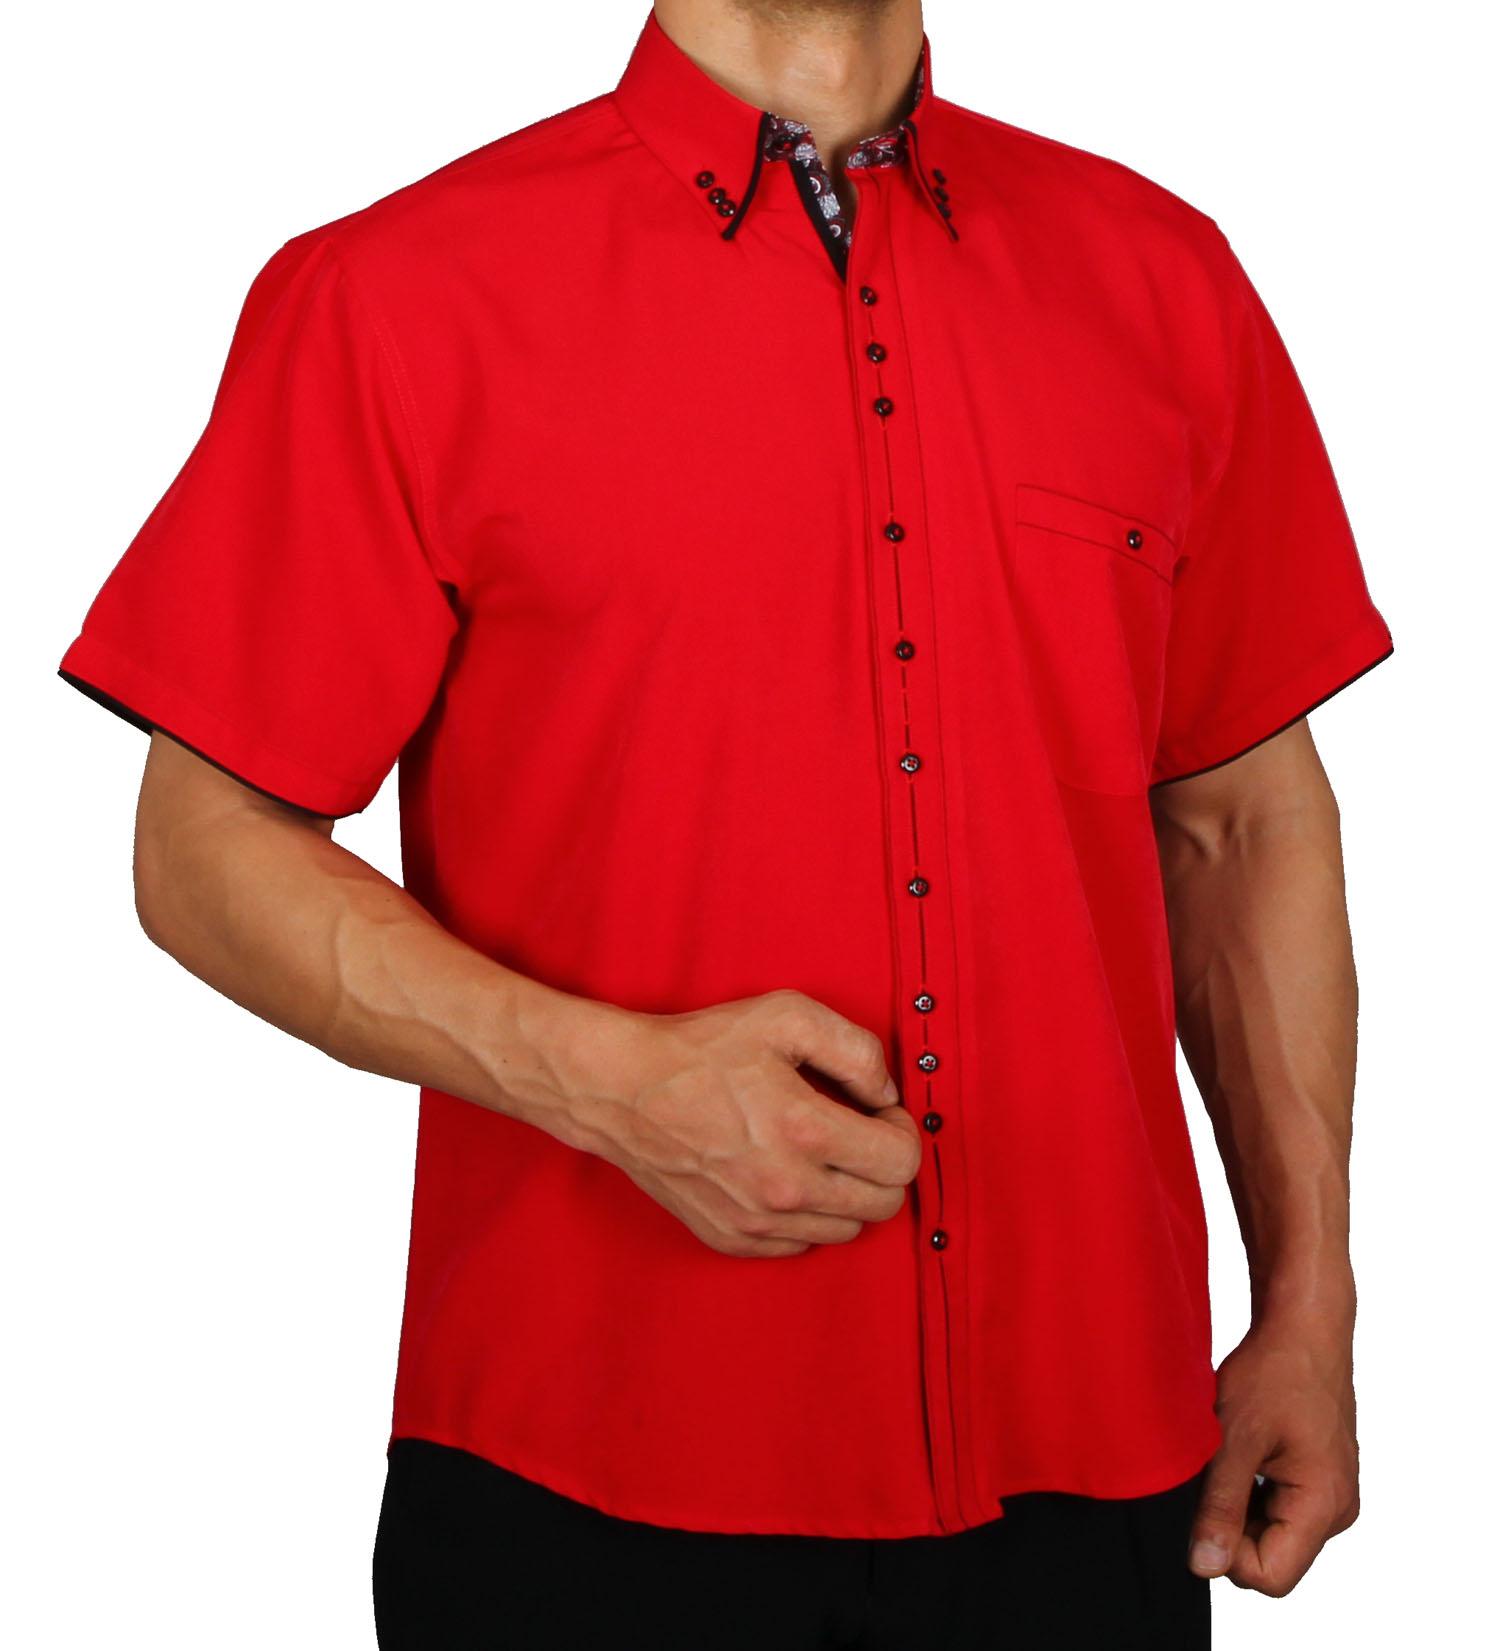 online store 71ab2 da7ab H.K. Mandel Kreative Mode für Männer - Exklusive kurzarm ...